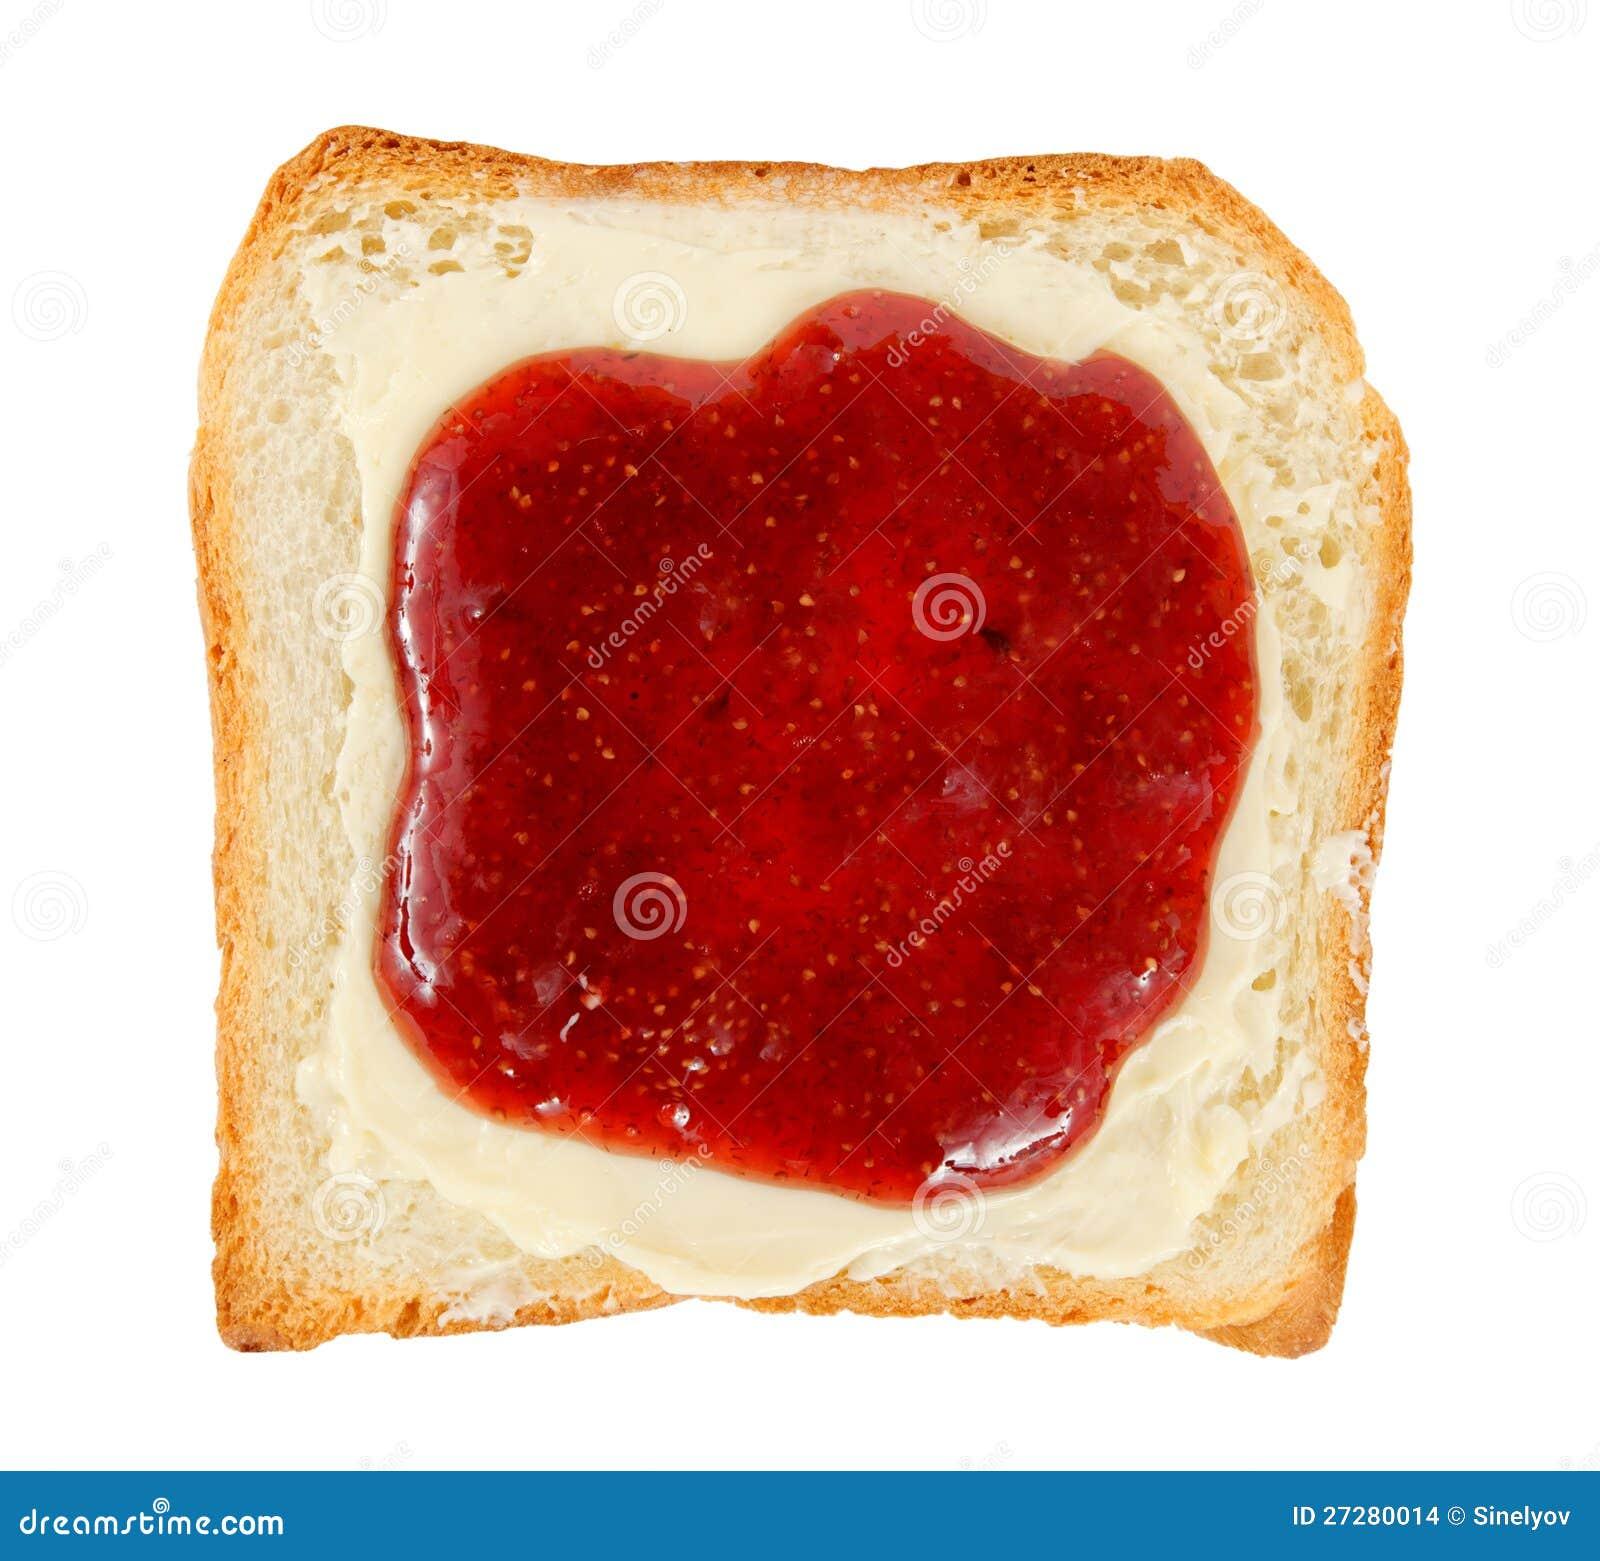 Öppna smörgåsen med smör och driftstopp